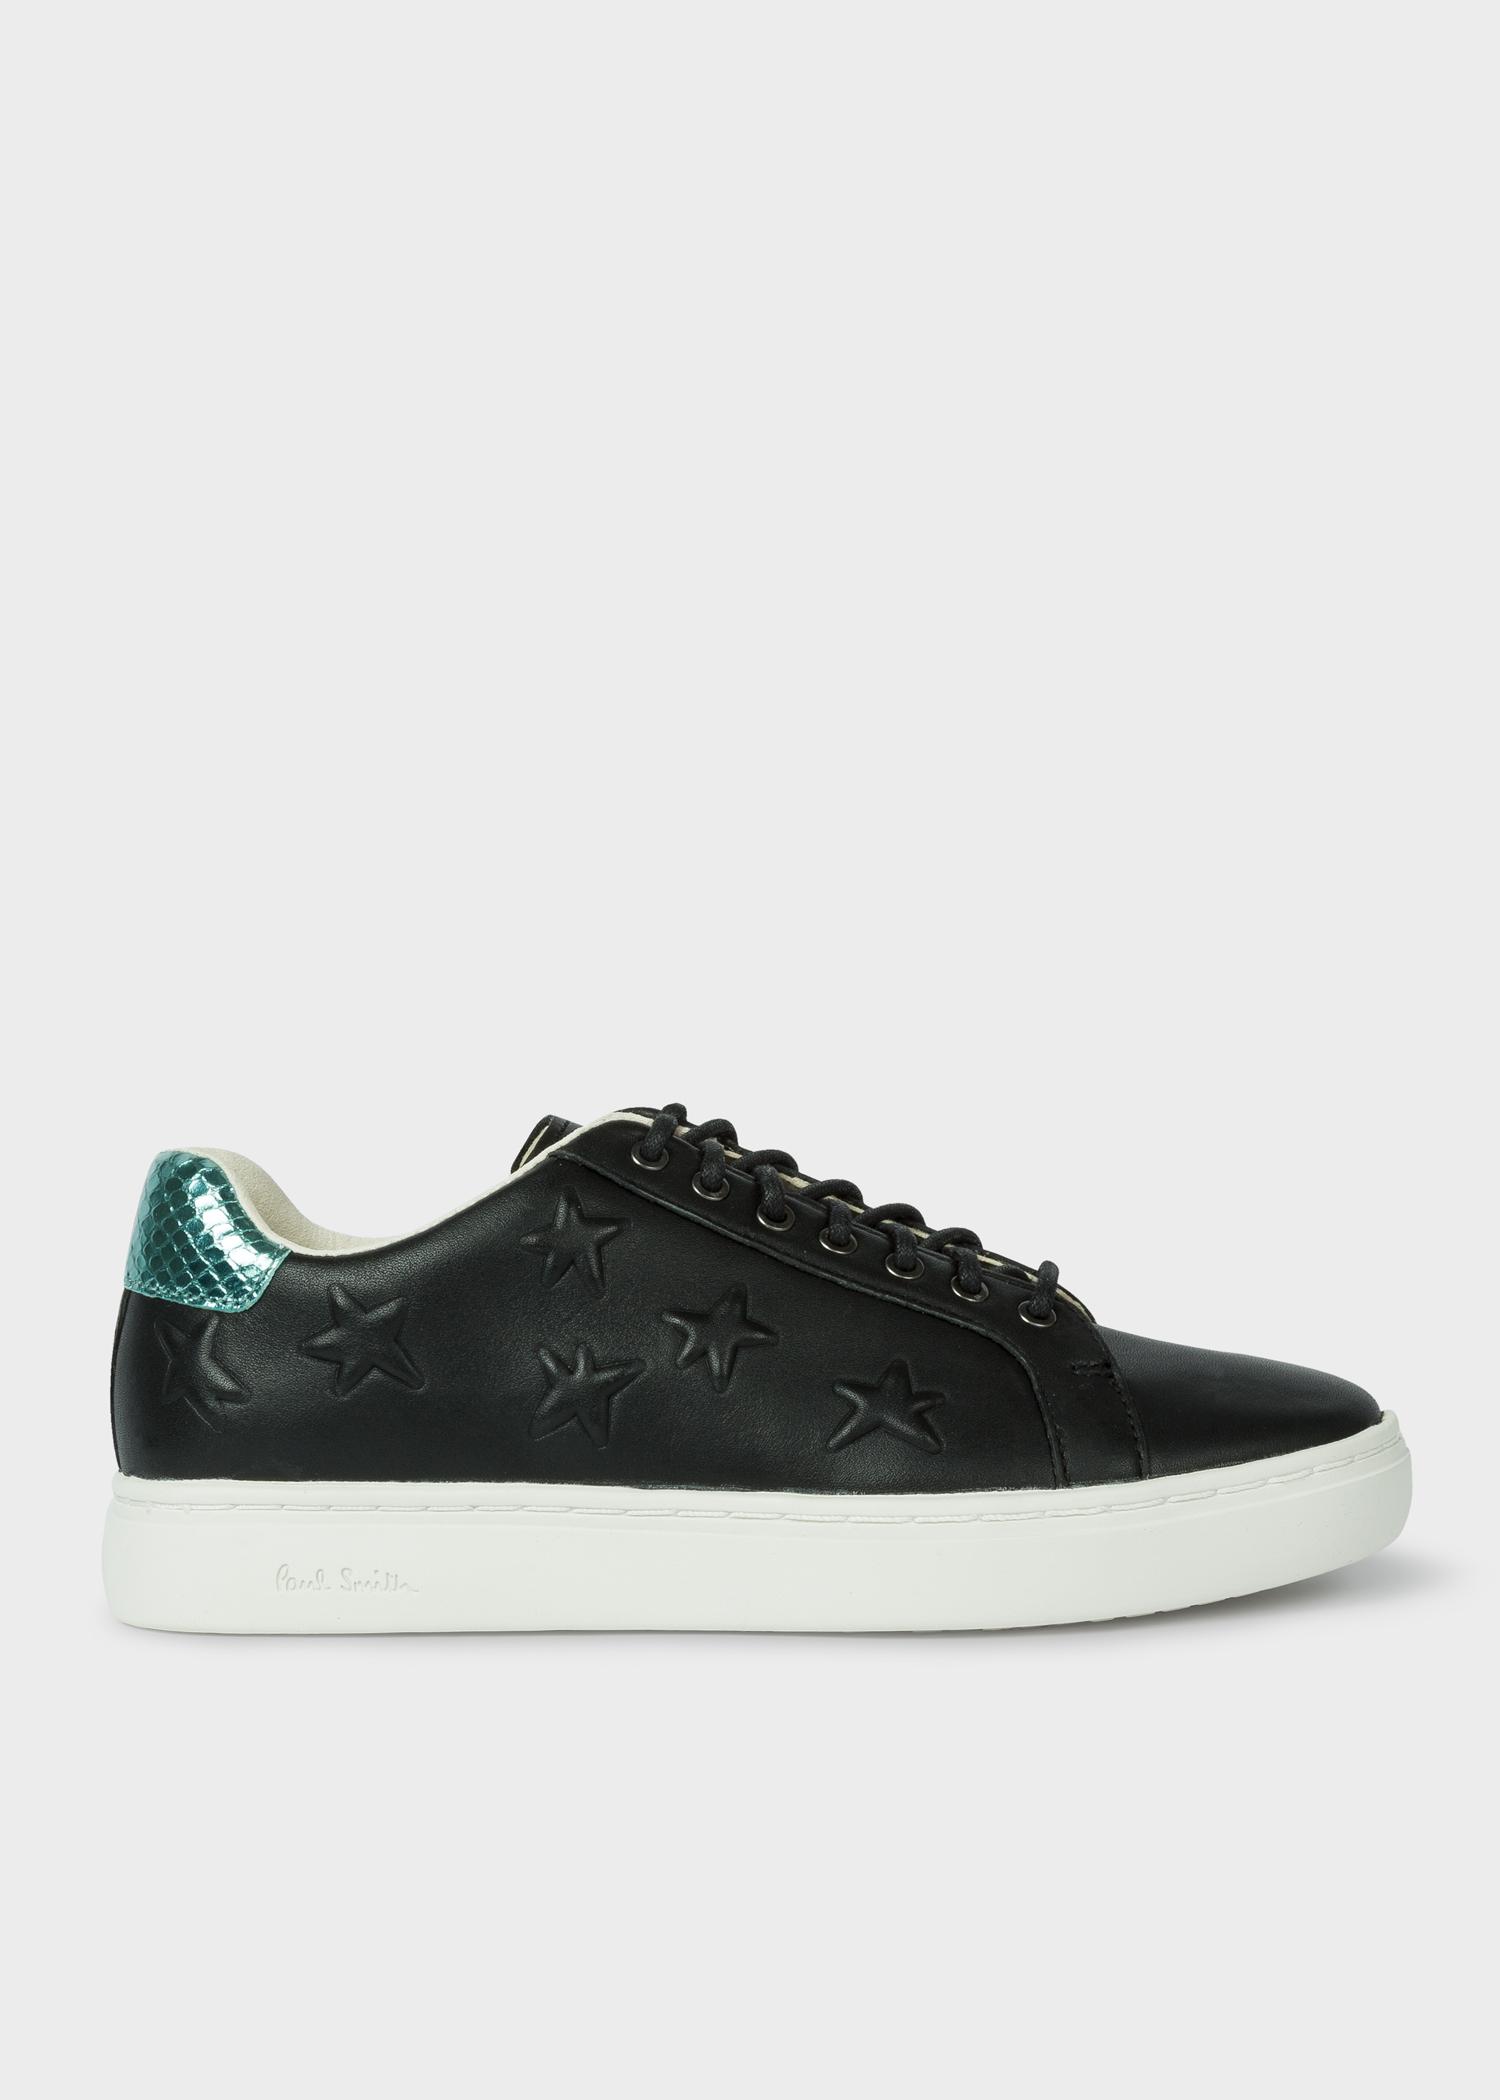 cd56f8057f79 Shop Paul Smith Footwear for Women - Obsessory